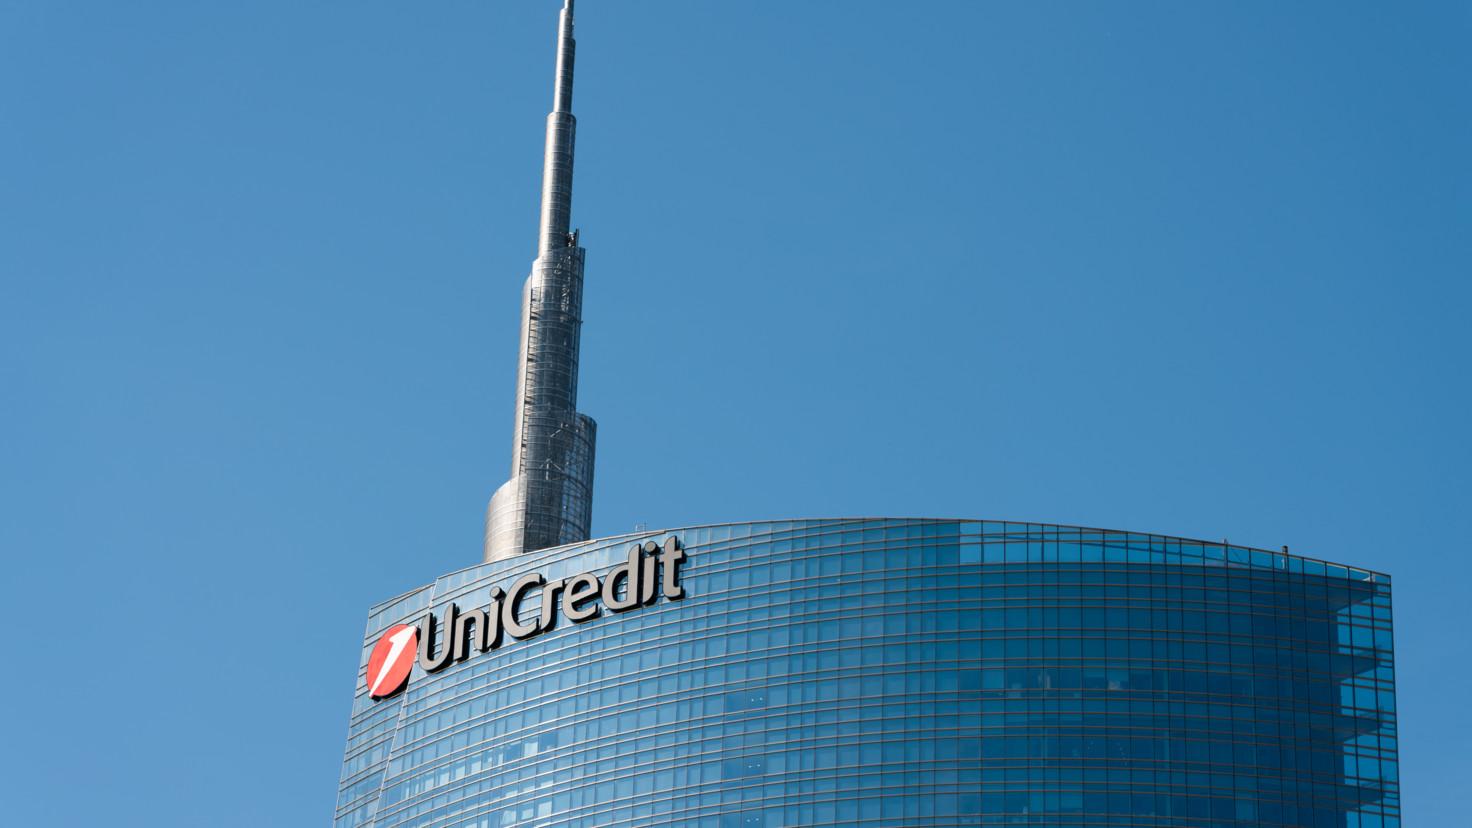 Largest Italian bank confirms 6,000 job cuts